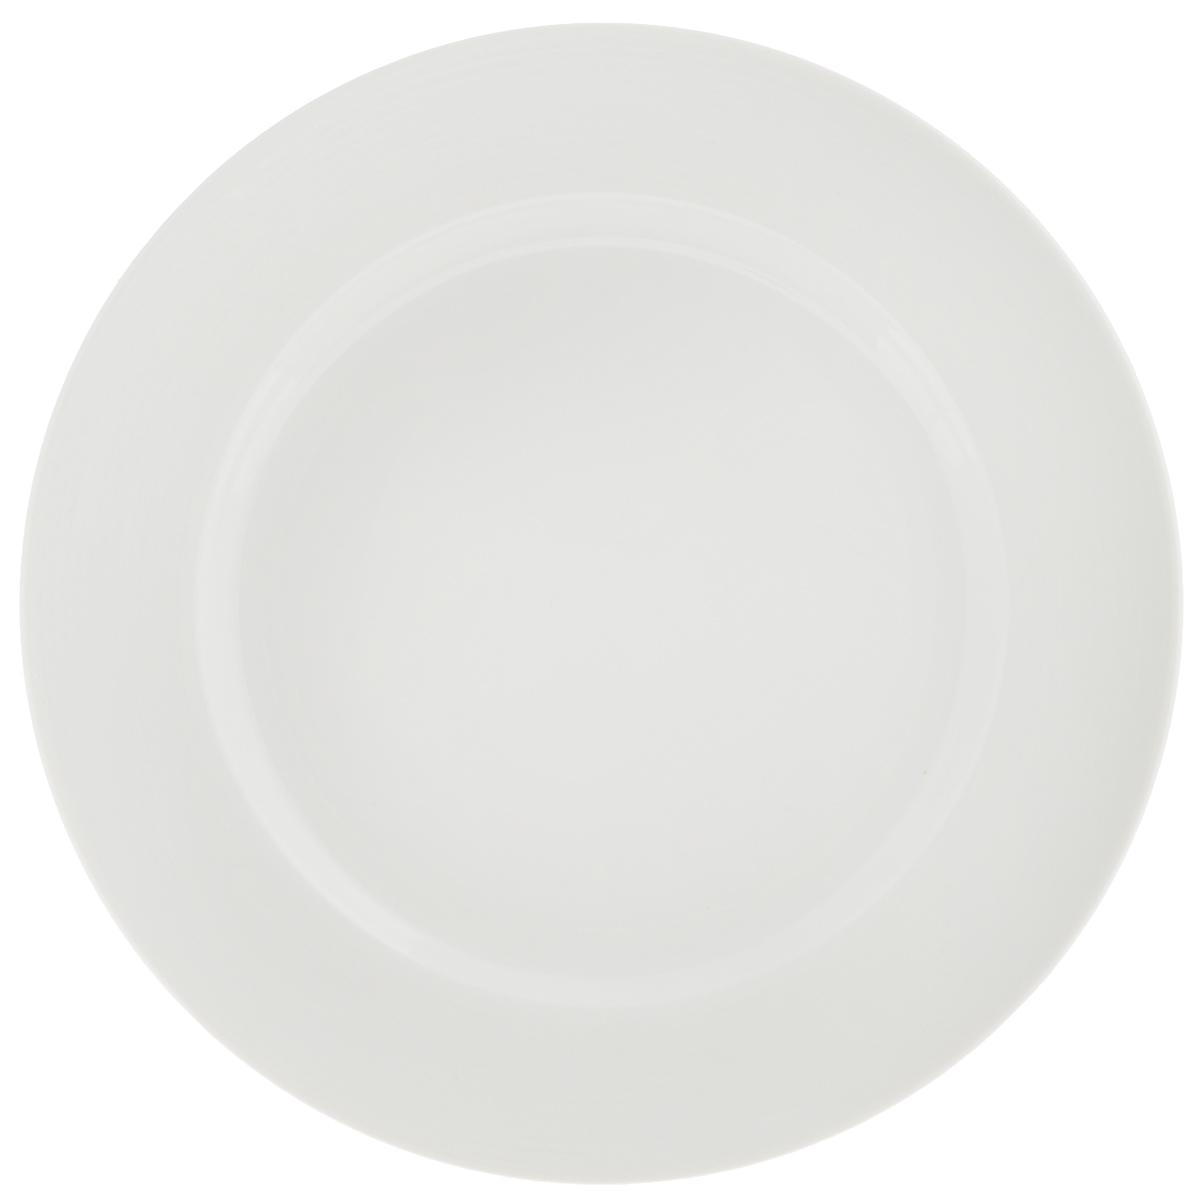 Тарелка десертная Tescoma Opus Stripes, диаметр 20 смAVRARN11020Десертная тарелка Tescoma Opus Stripes изготовлена из фарфора. Изделие оформлено рельефным рисунком и имеет изысканный внешний вид. Такая тарелка прекрасно подходит как для торжественных случаев, так и для повседневного использования. Идеальна для подачи десертов, пирожных, тортов и многого другого. Она прекрасно оформит стол и станет отличным дополнением к вашей коллекции кухонной посуды. Пригодна для использования в микроволновой печи. Можно мыть в посудомоечной машине.Диаметр тарелки (по верхнему краю): 20 см. Высота тарелки: 2,2 см